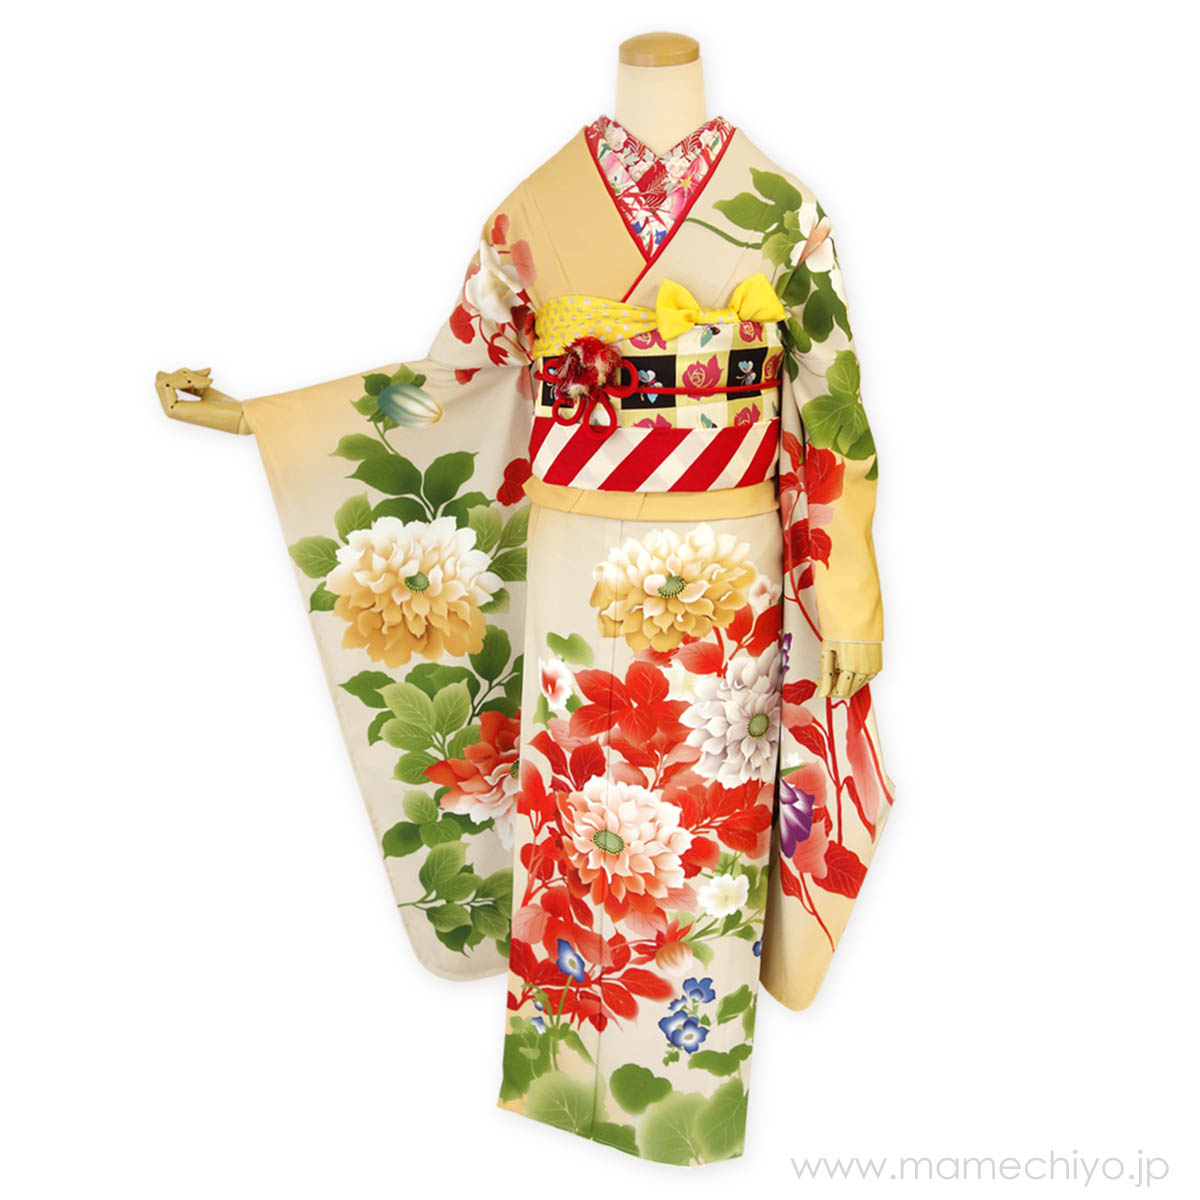 絵羽振袖 kotoho‐ことほ‐ 橙色(だいだいいろ)